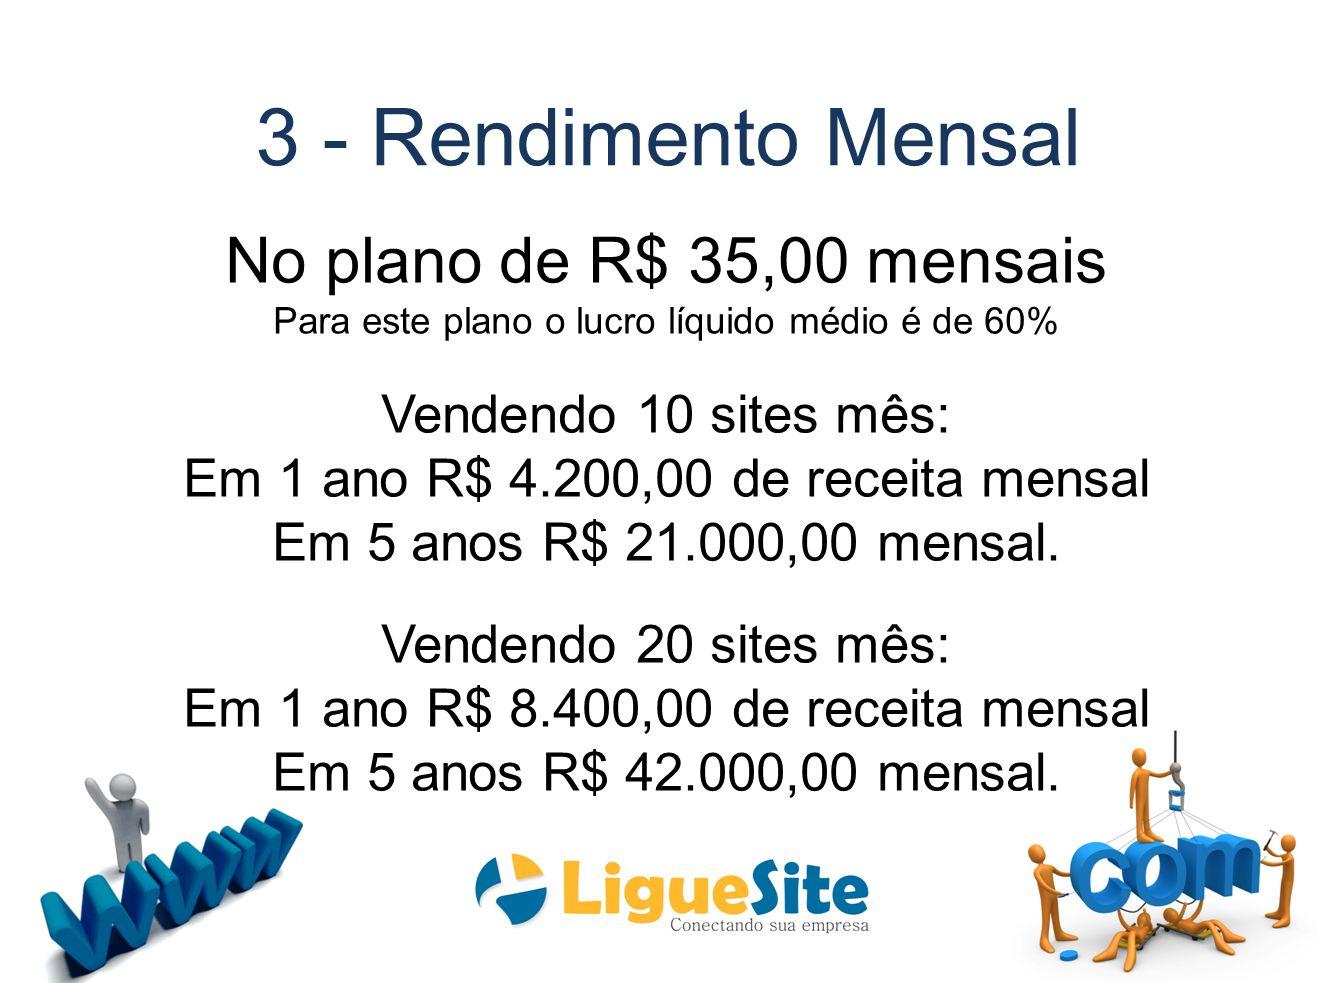 3 - Rendimento Mensal No plano de R$ 35,00 mensais